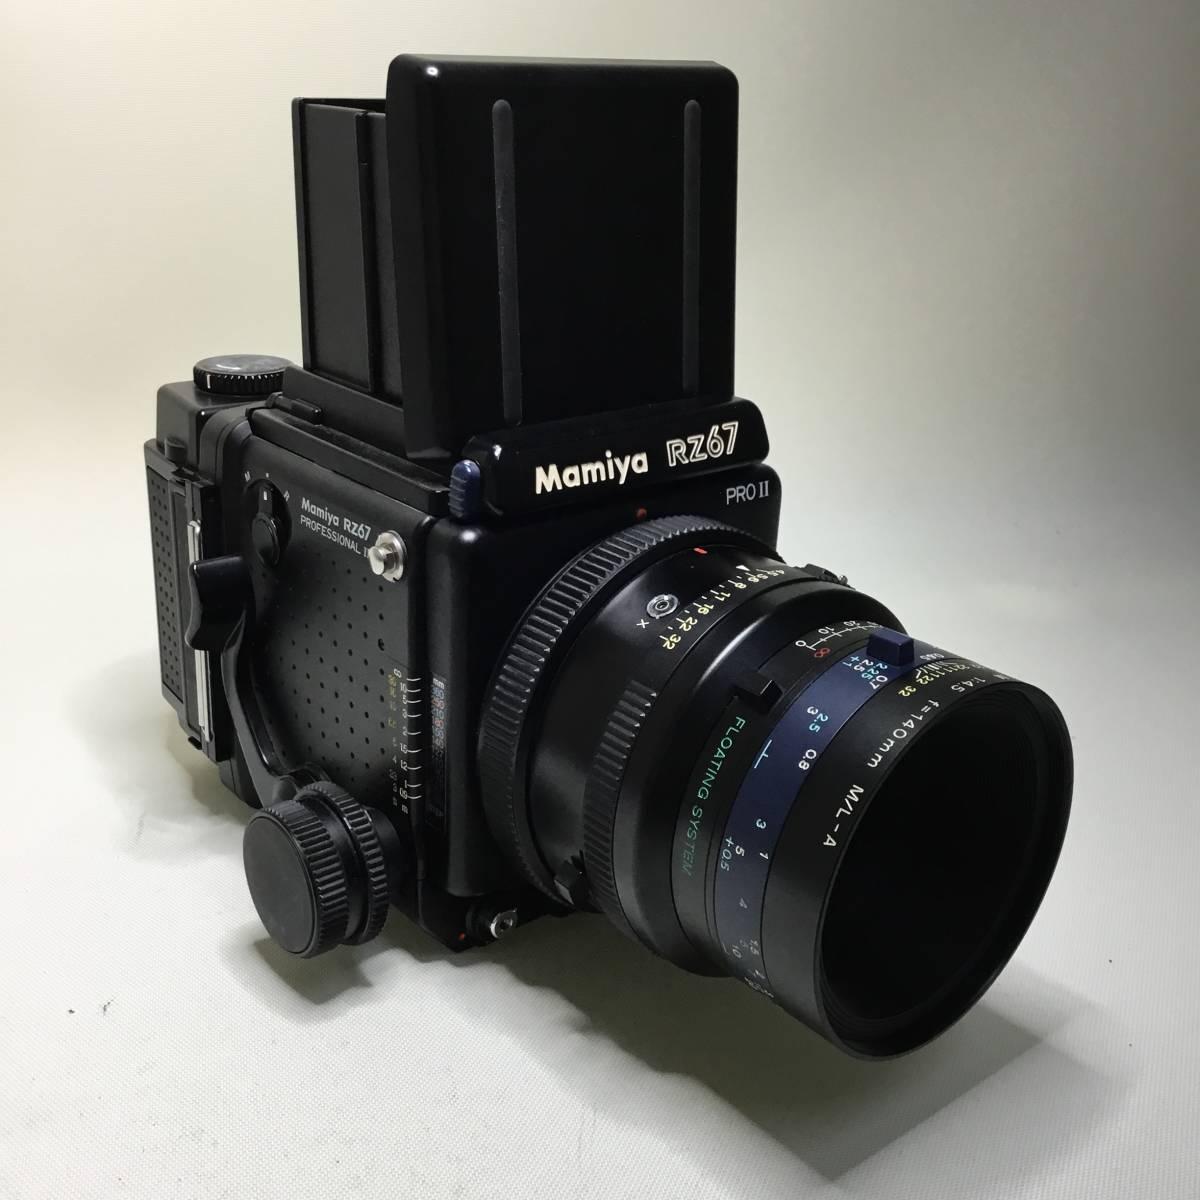 Mamiya RZ67 PROⅡ マミヤRZ67 PROFESSIONAL Ⅱ Mamiya MACRO f=140mm 中判カメラ(KY08